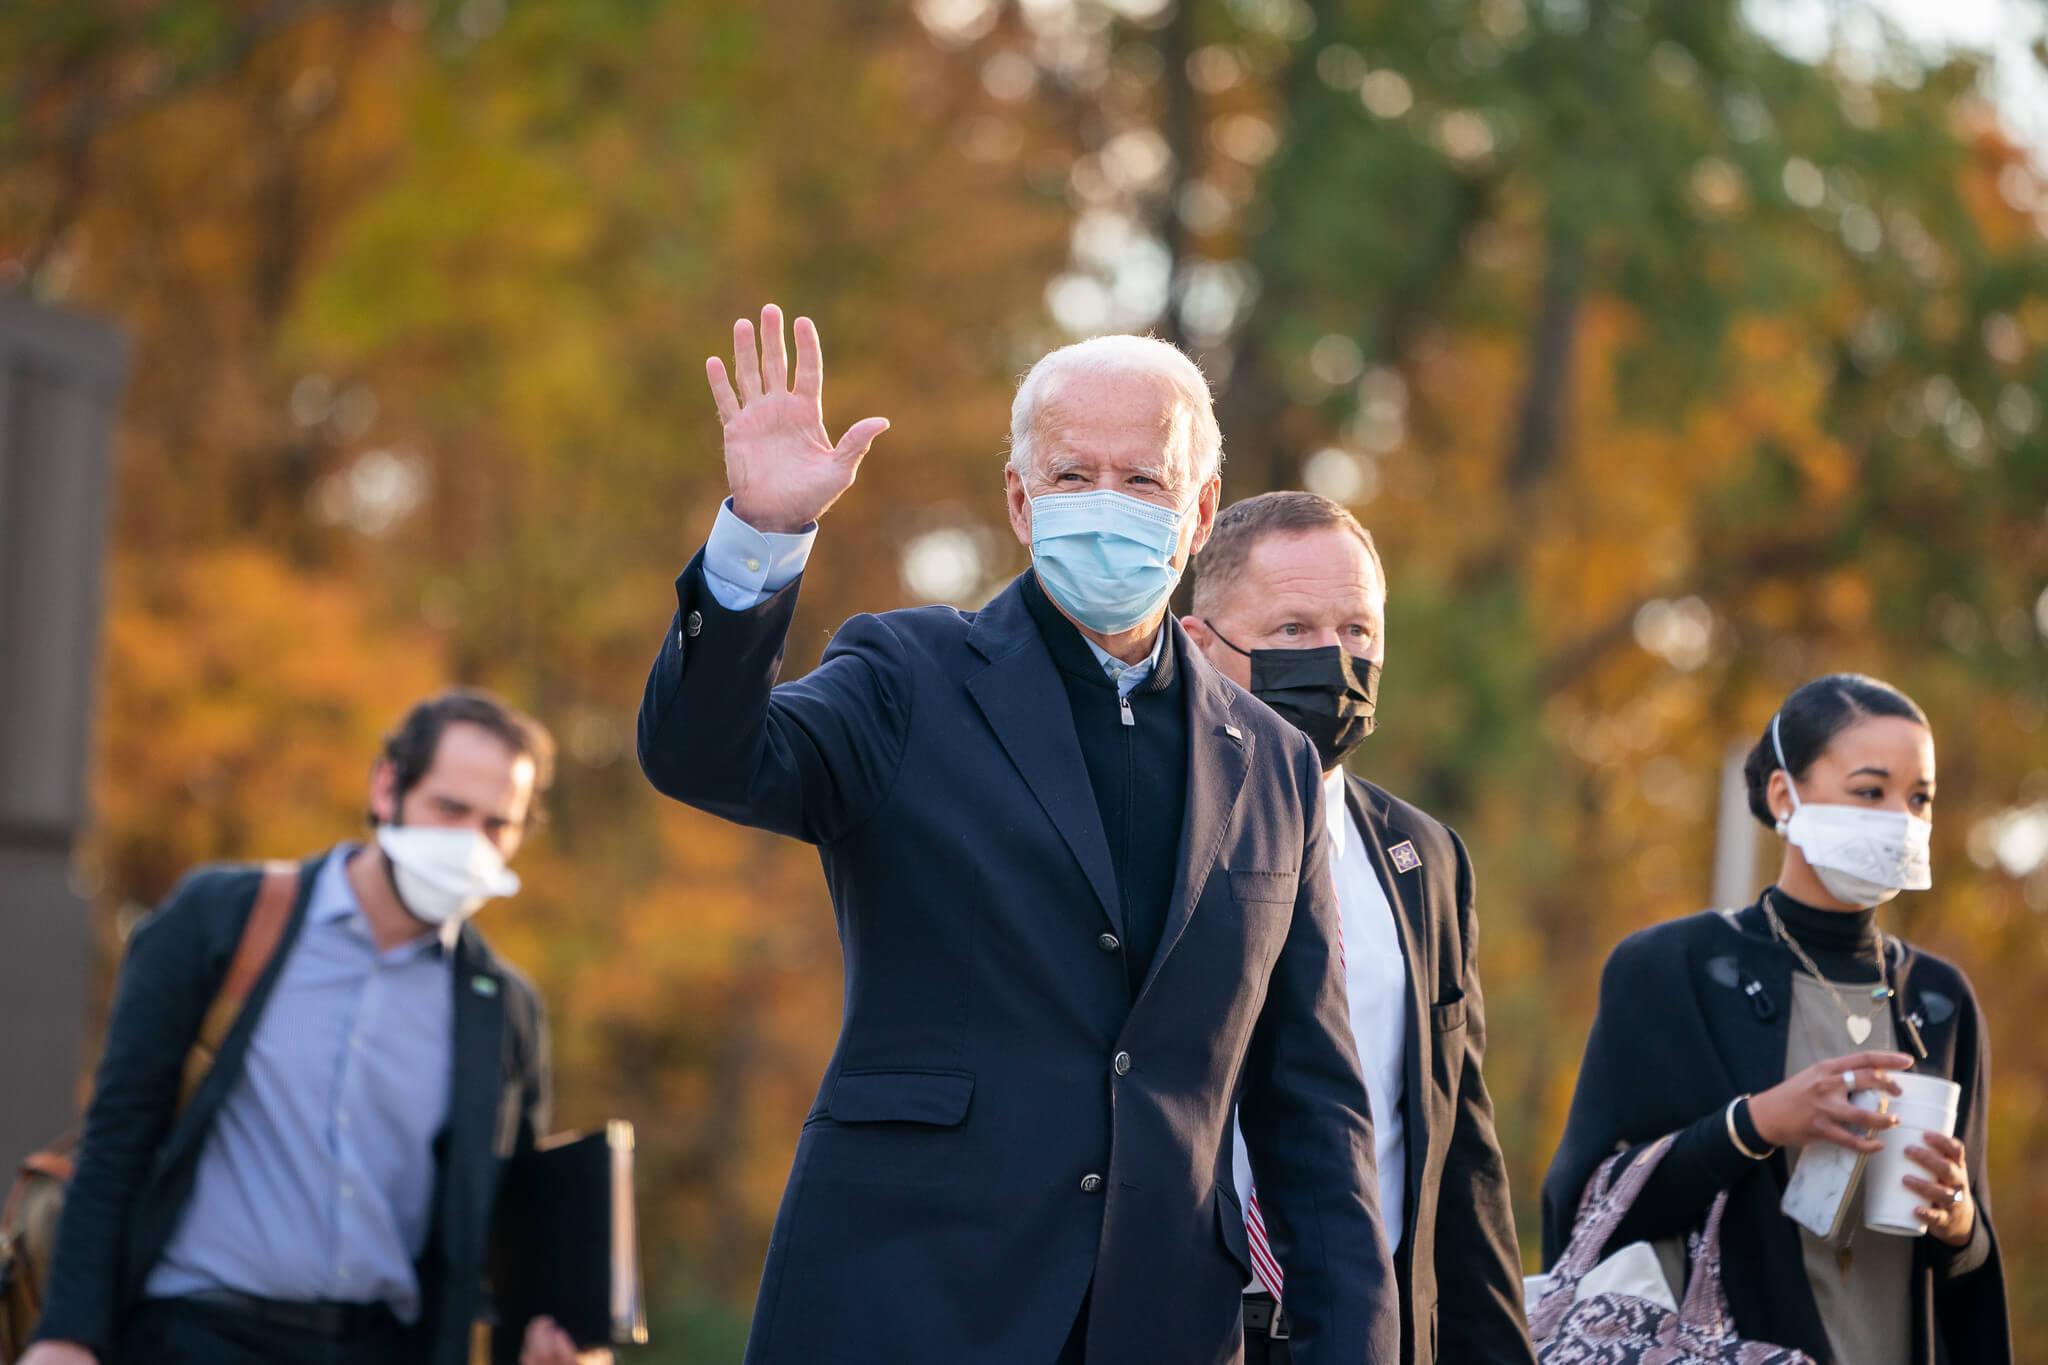 Joe Biden wearing a mask while waving to people